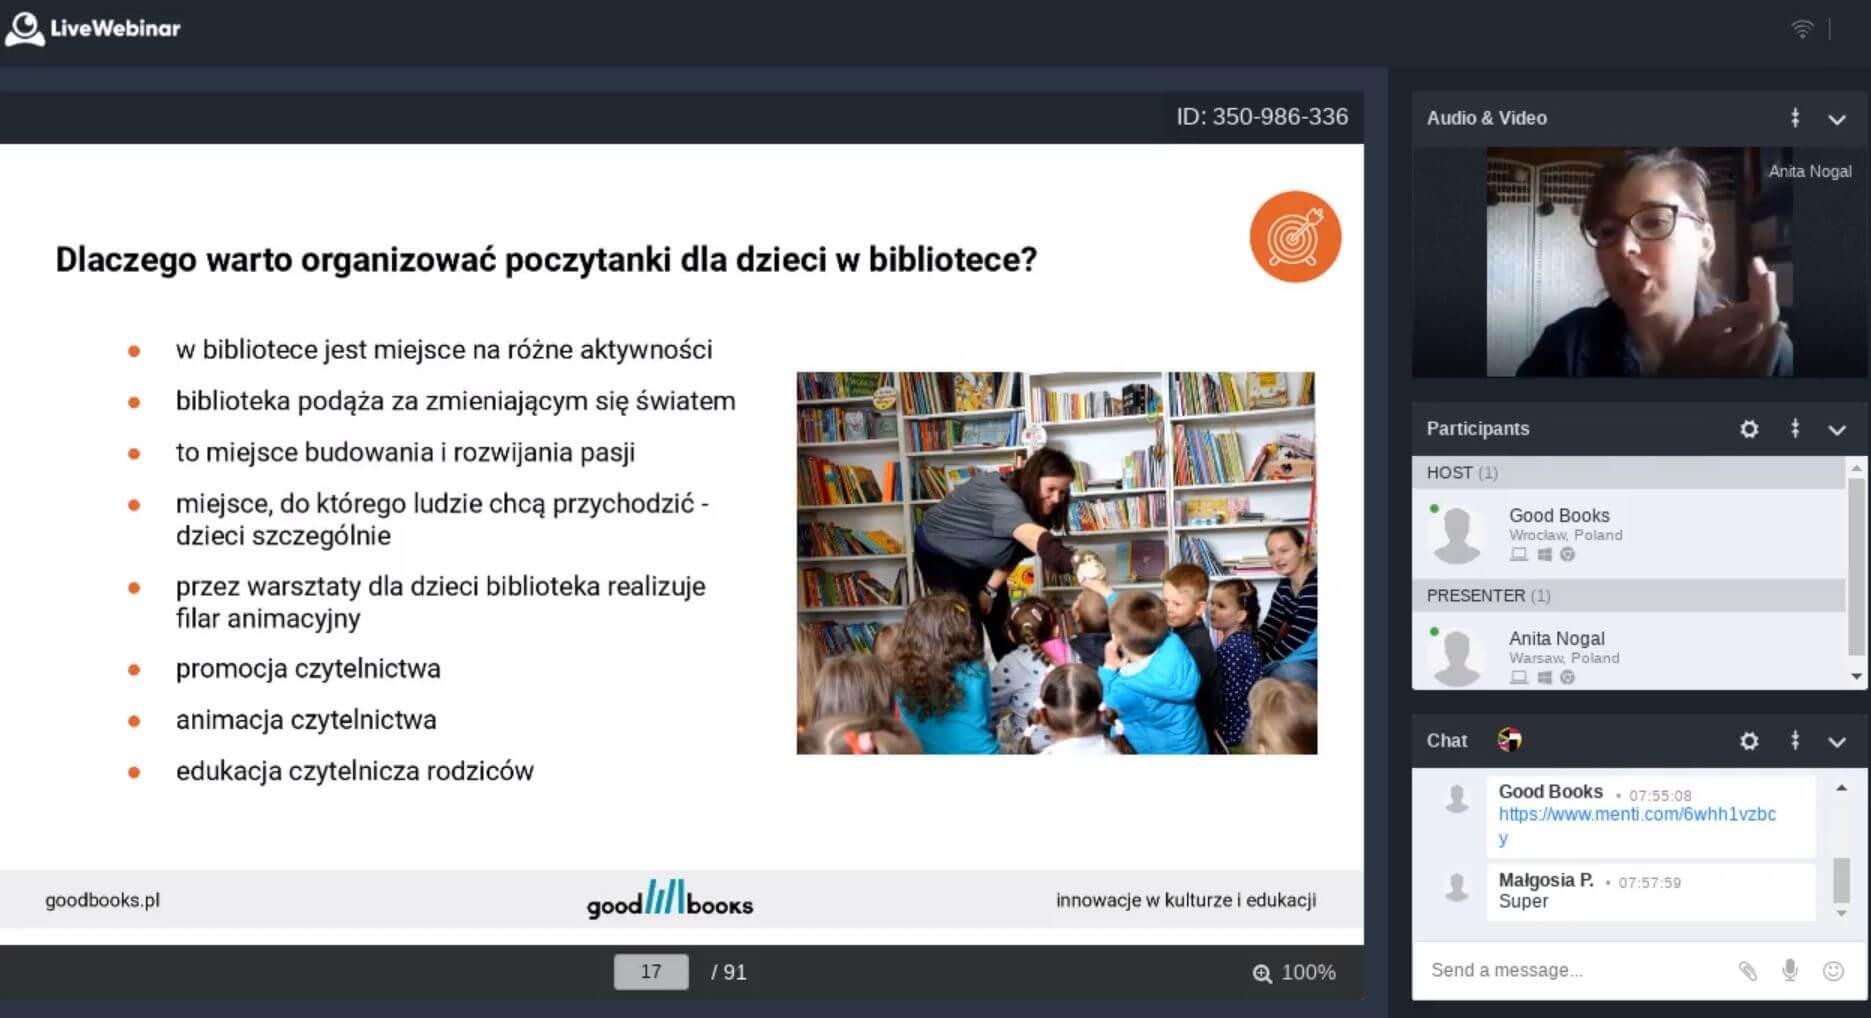 animacja cytelnictwa - szkolenie dla bibliotekarzy